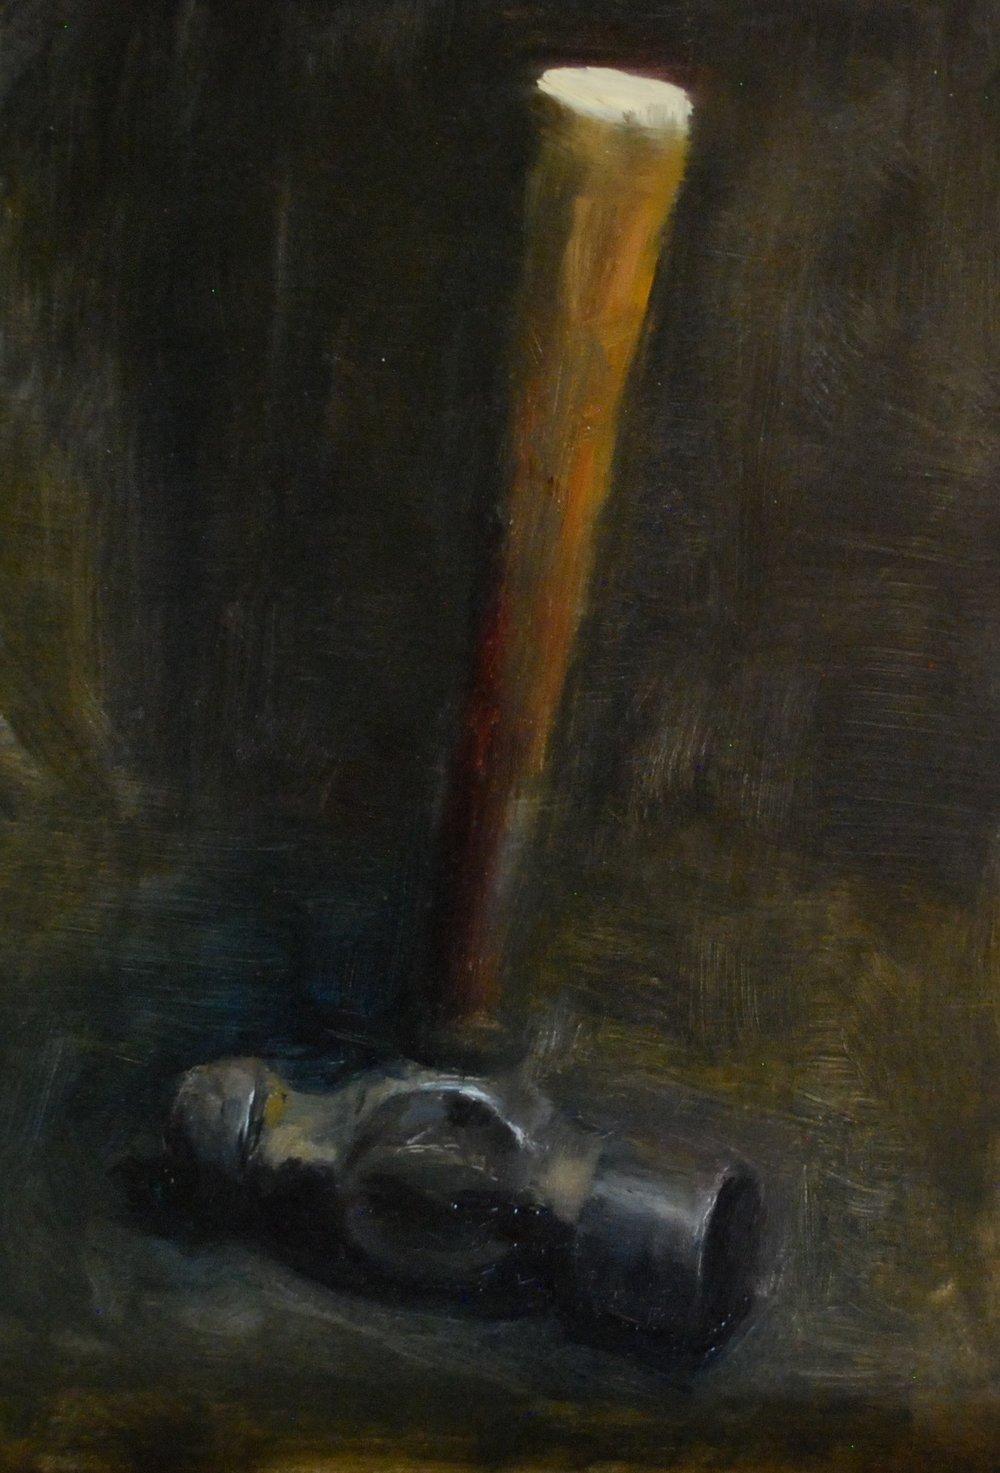 Ball-Peen Hammer